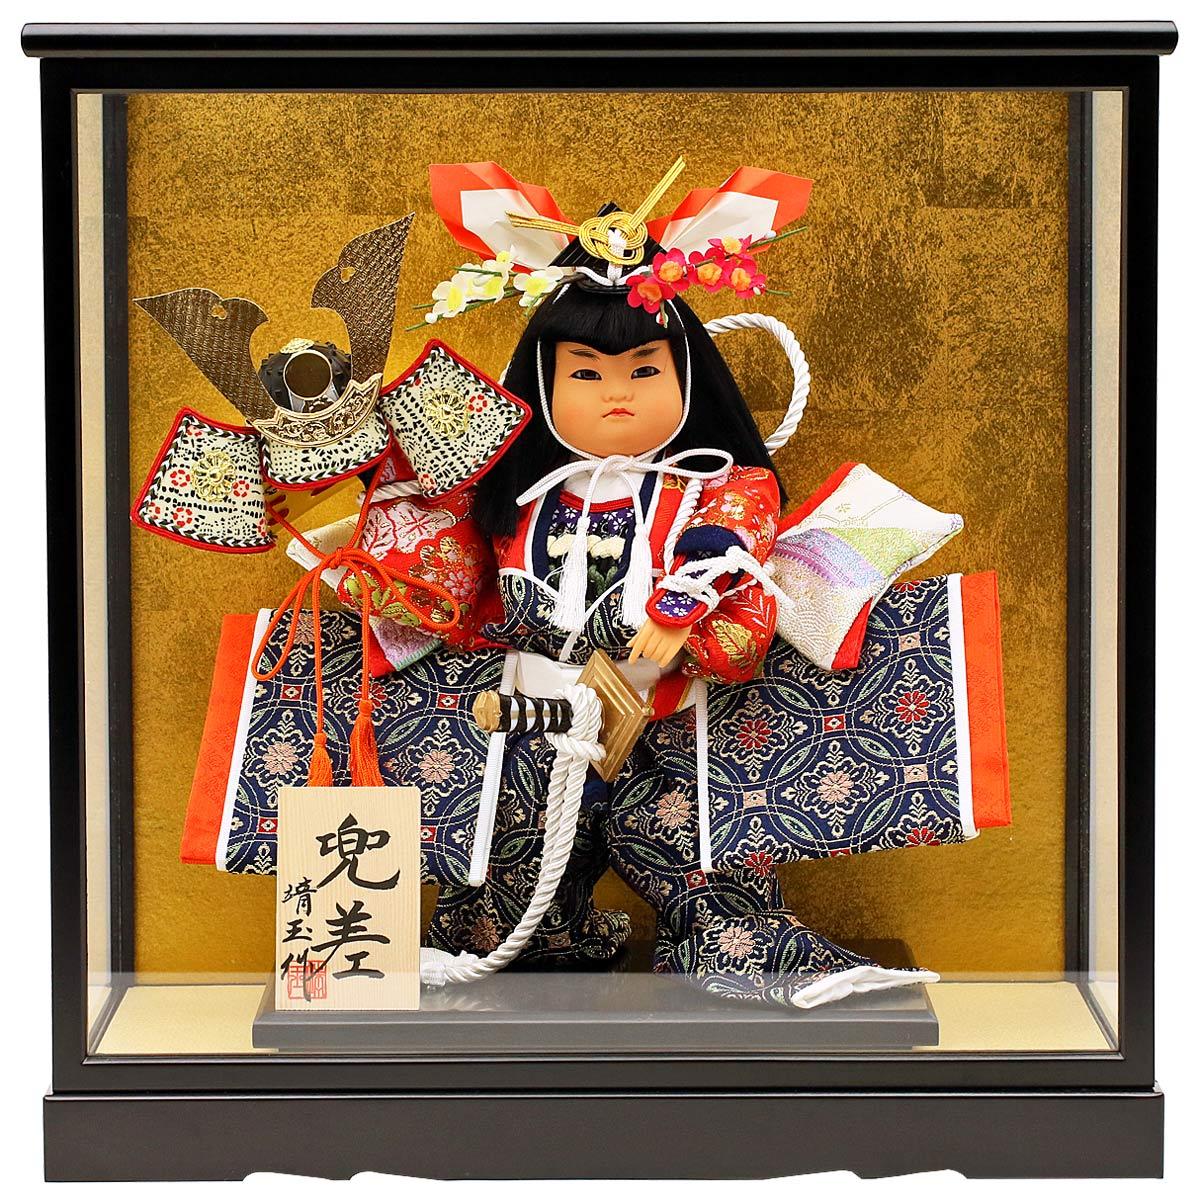 五月人形 ケース飾り ケース入り 浮世人形 武者人形 子供大将 お祝い人形飾り 「人形工房天祥 子ども大将シリーズ 兜差」 初節句 端午の節句